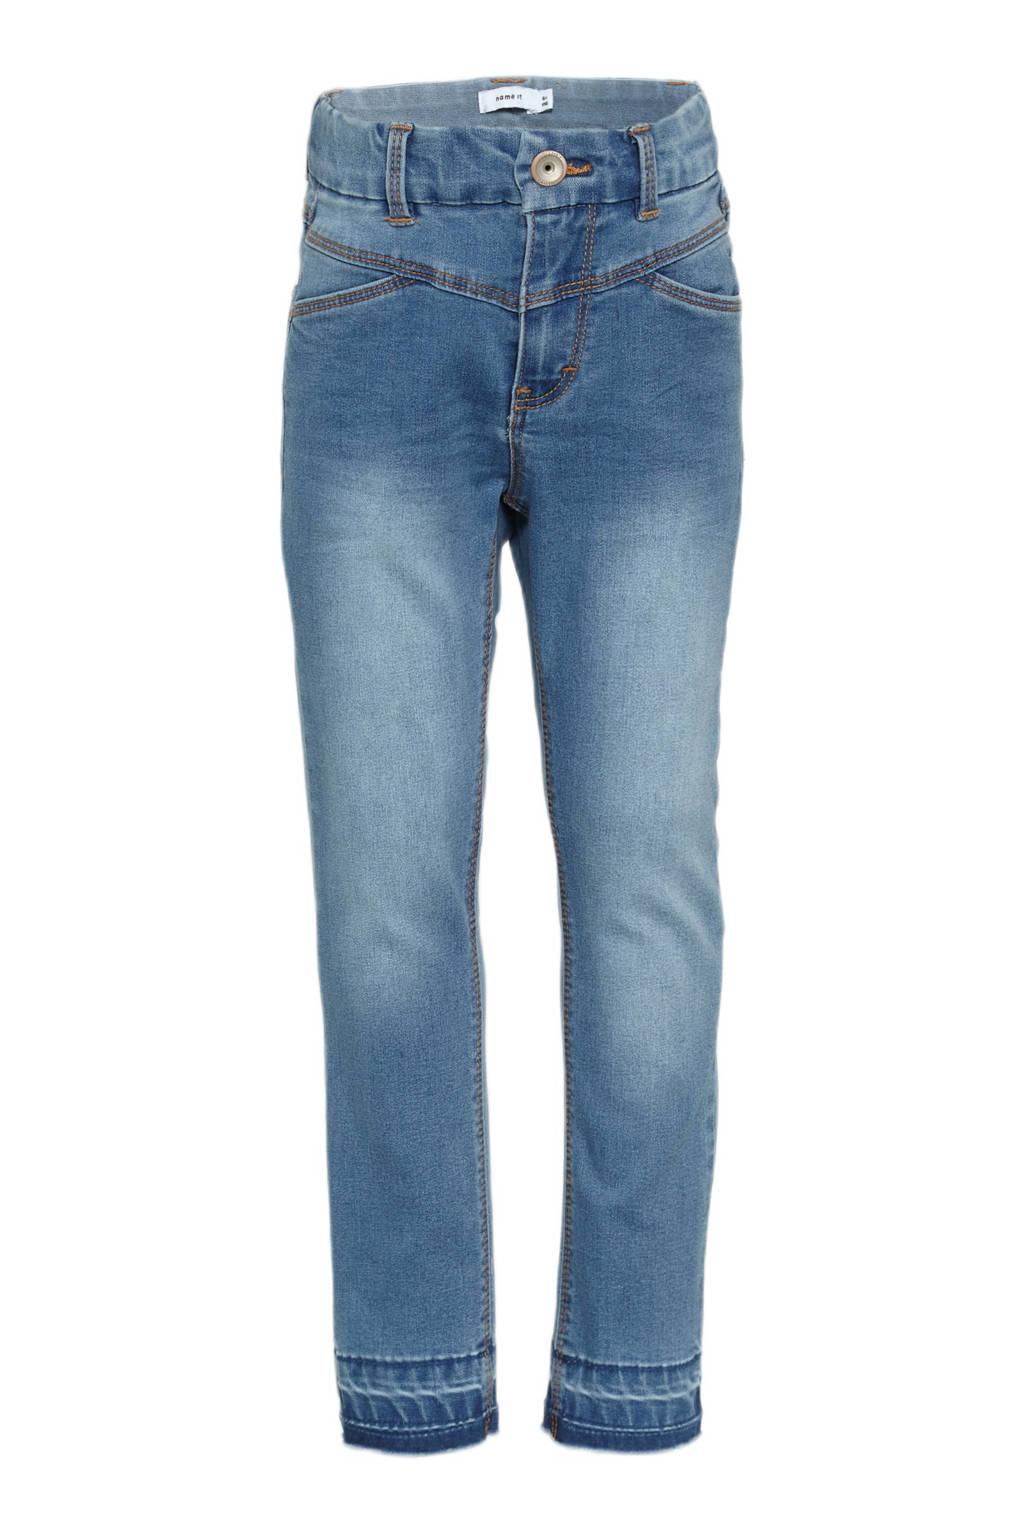 NAME IT KIDS slim fit jeans NKFSALLI lichtblauw, Lichtblauw